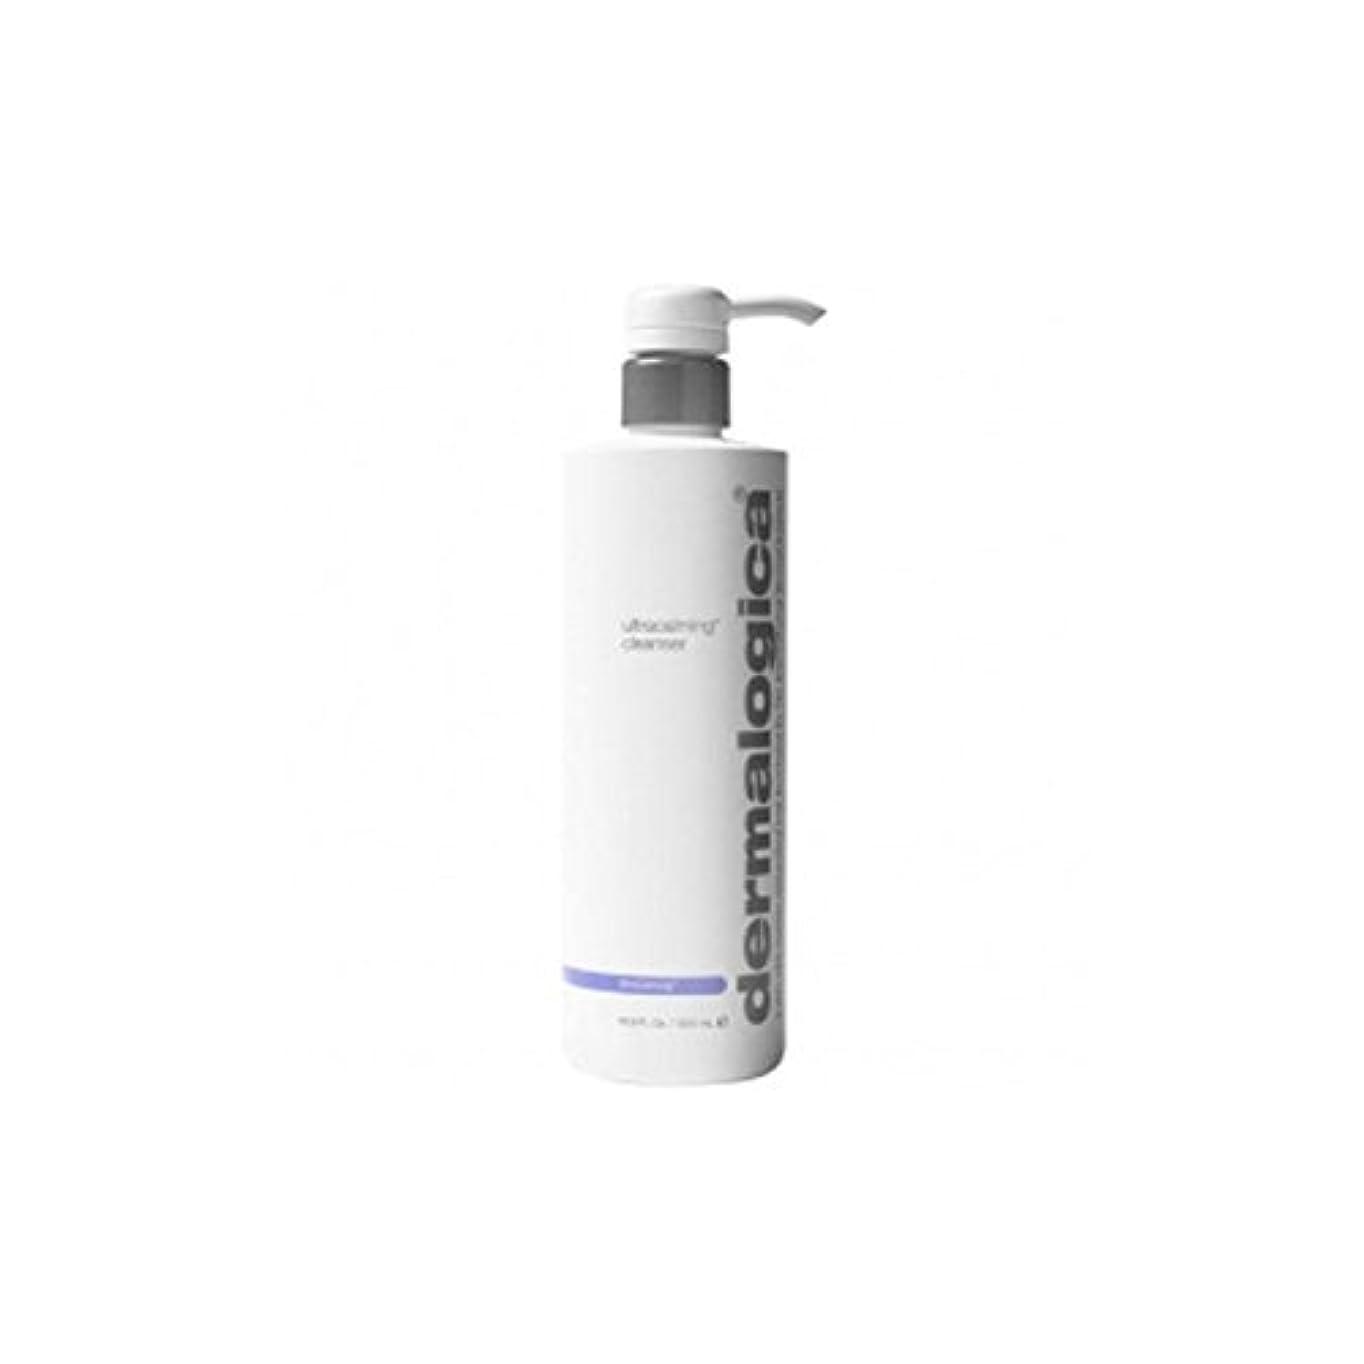 割り込み高さ散髪Dermalogica Ultracalming Cleanser (500ml) - ダーマロジカクレンザー(500ミリリットル) [並行輸入品]